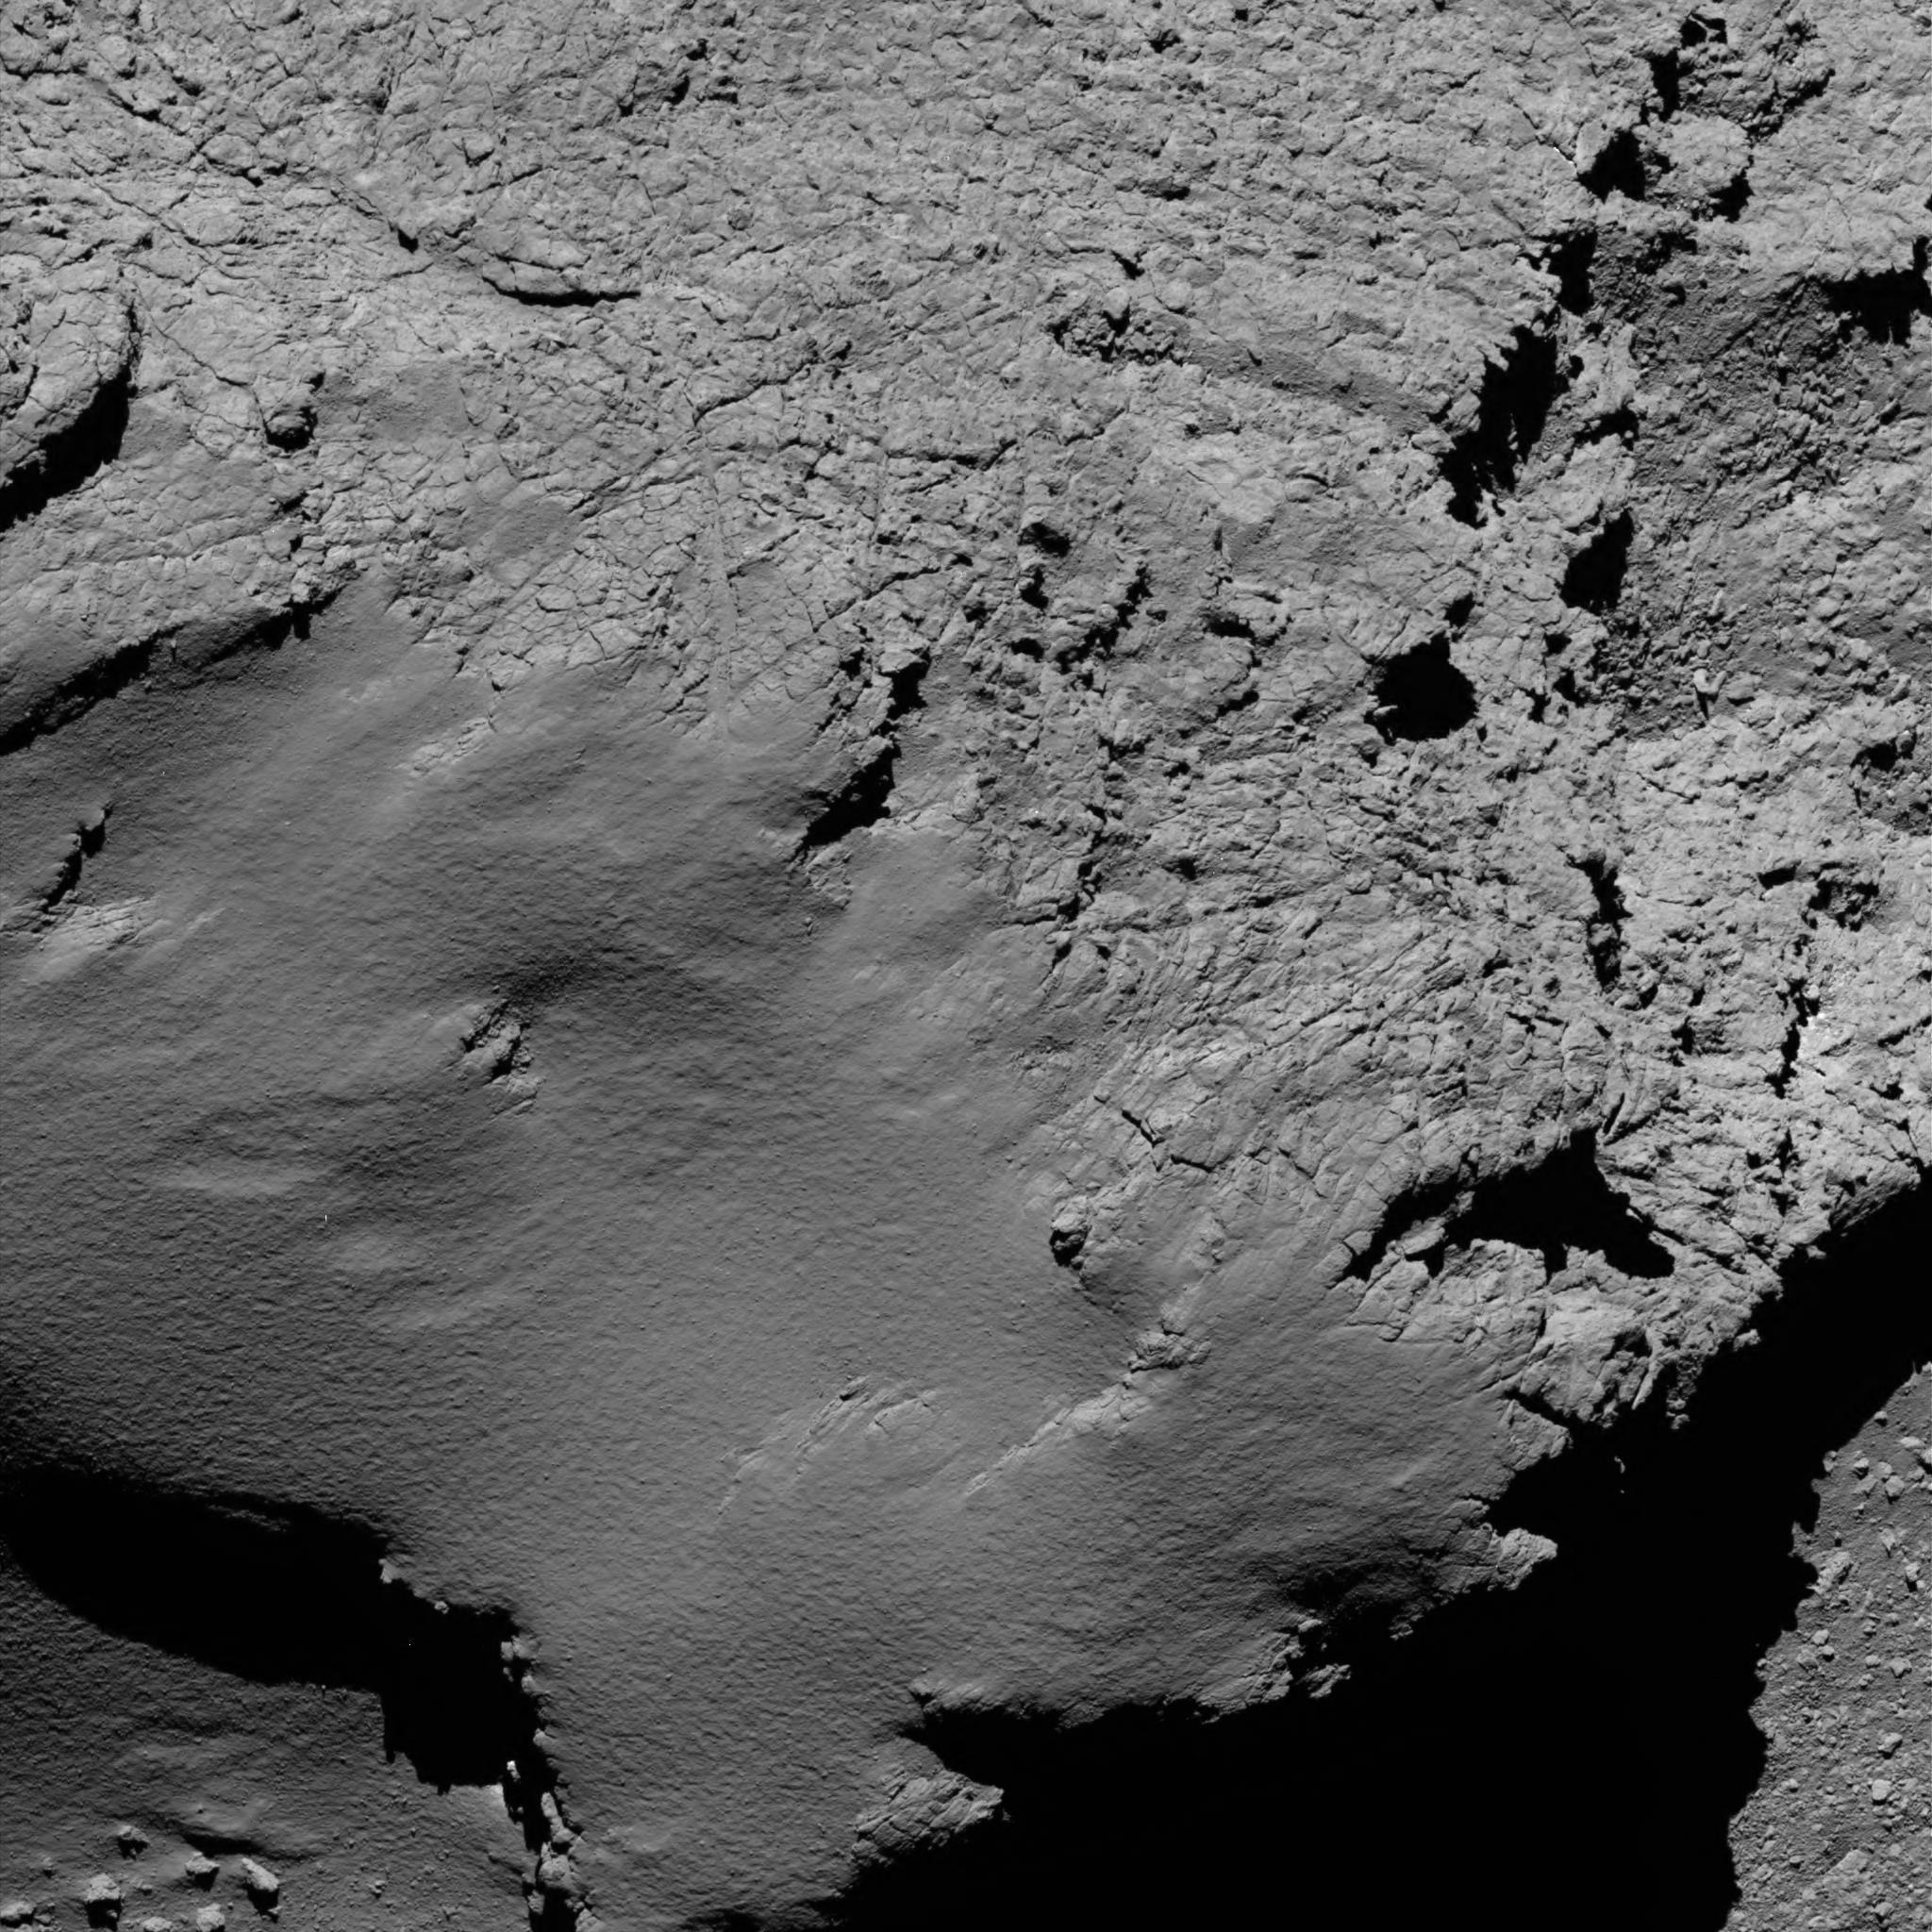 Tschuri aus nächster Nähe: Das Bild ist eines der letzten von Rosetta. Entfernung: 8,9 km.